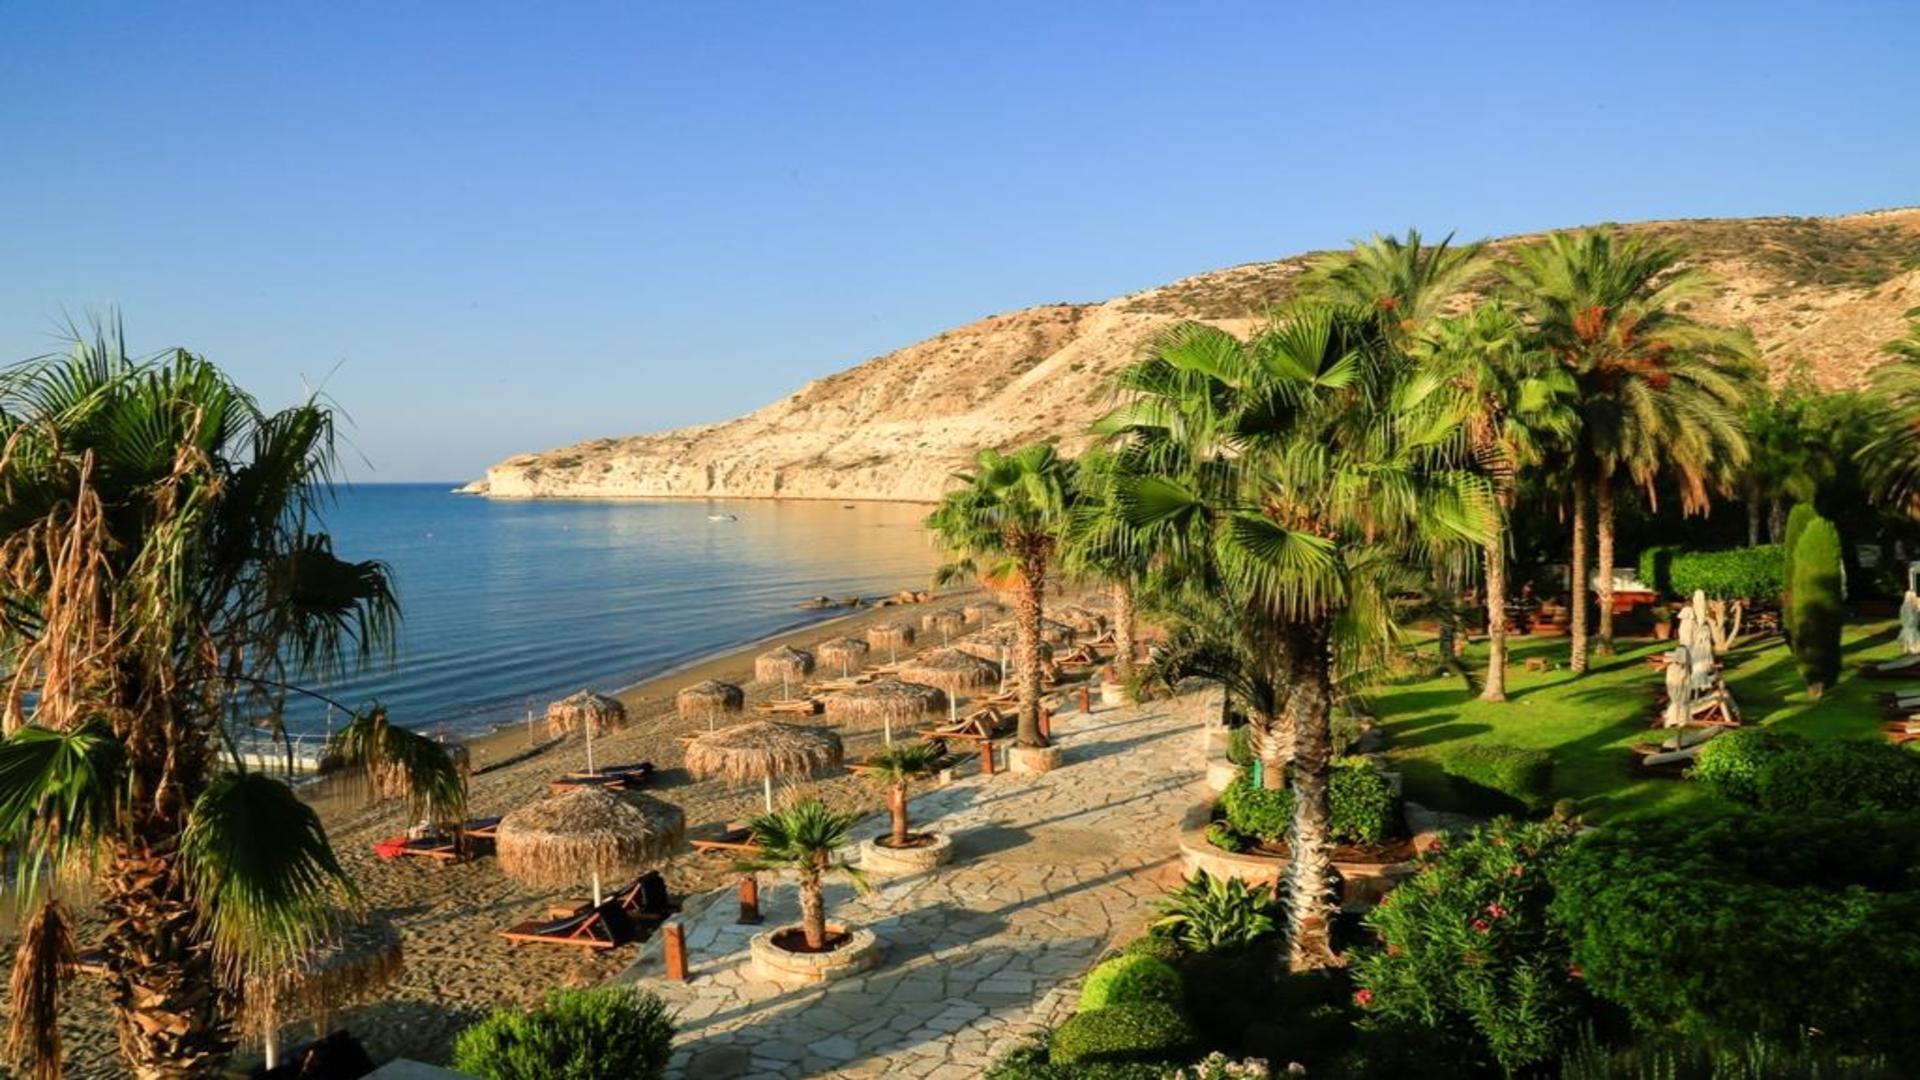 Strand Pissouri met palmbonen, zee, heuvels, strandbedjes met parasol, Cyprus